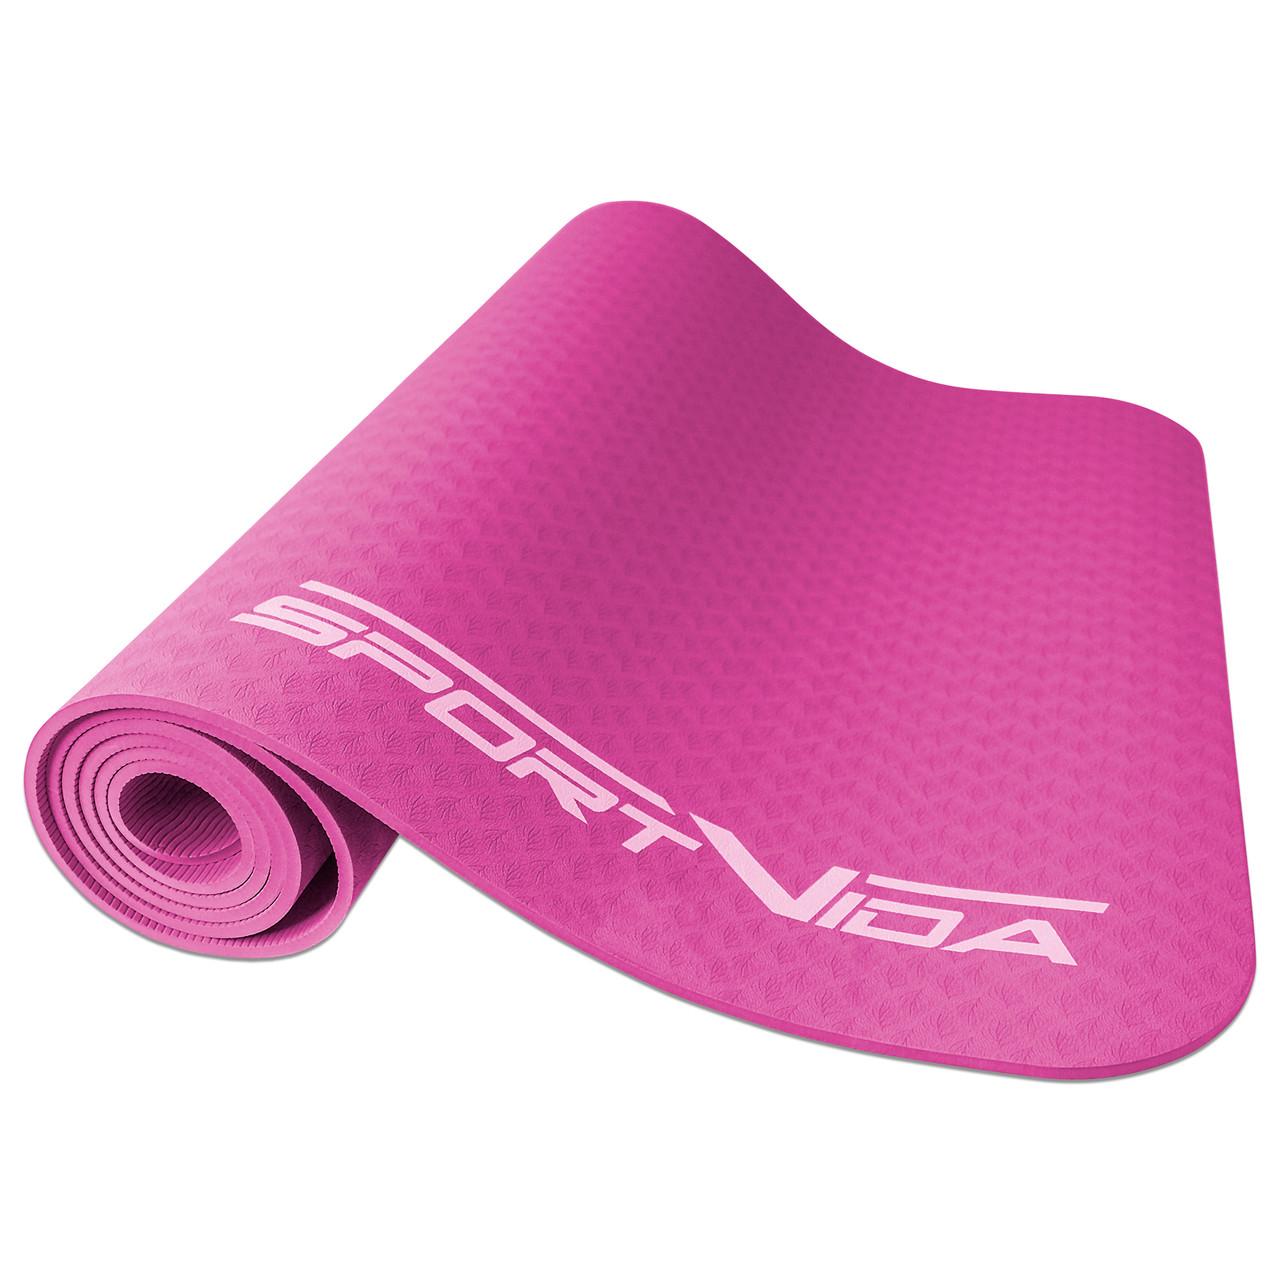 Коврик для йоги, фитнеса и тренировок SportVida TPE, толщина- 4 мм, цвет - розовый